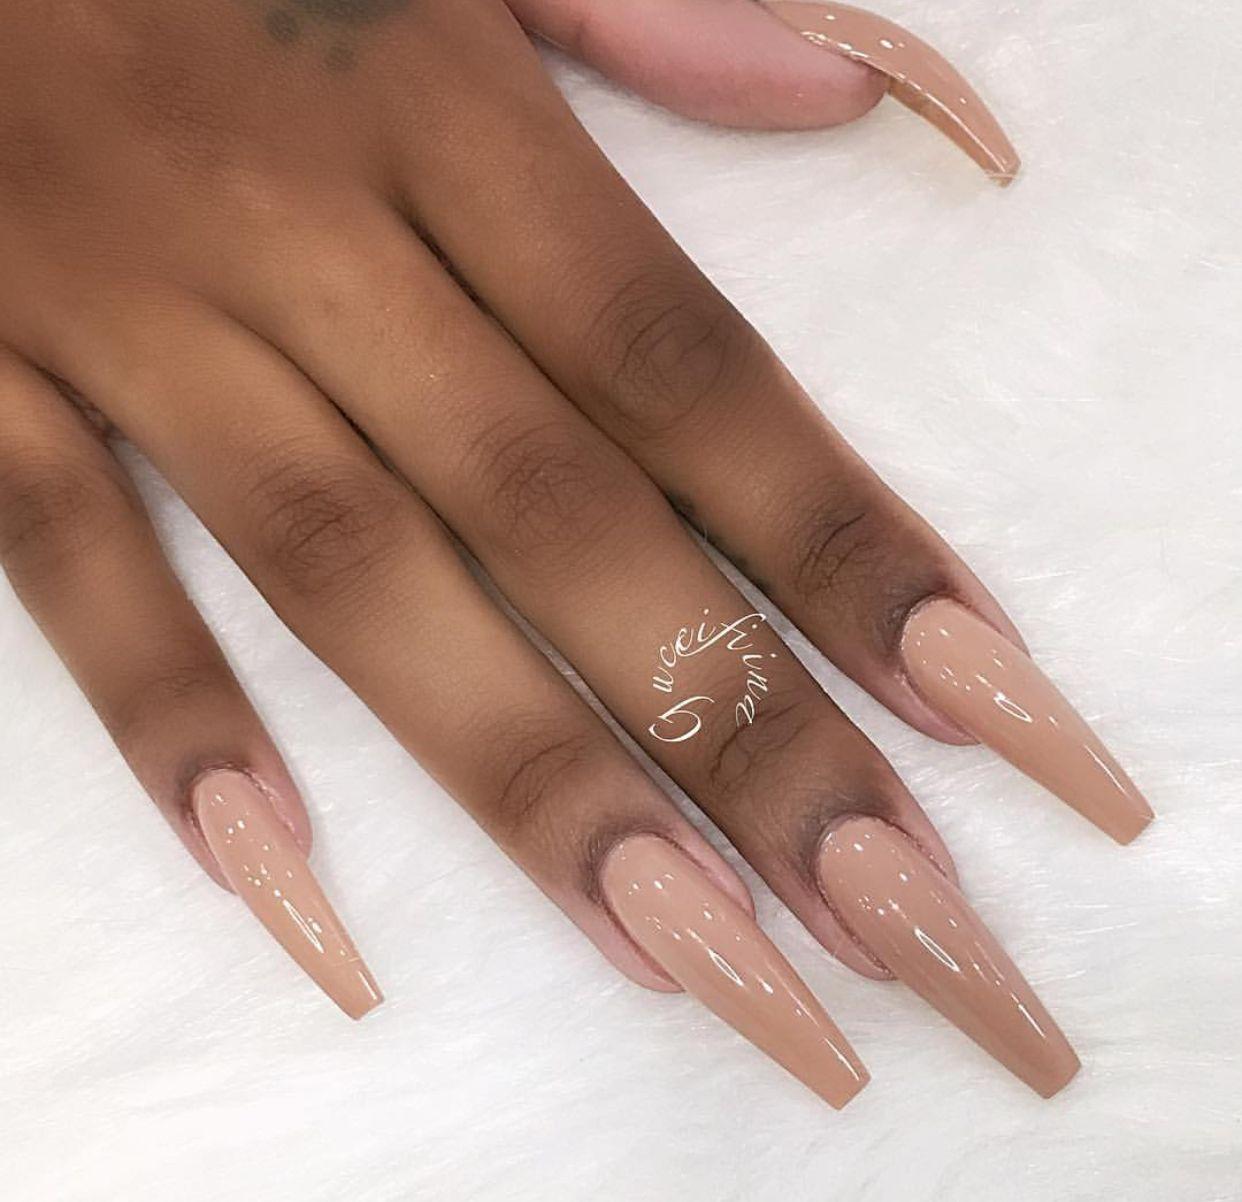 Pin By Jaloria On Nails Tan Nails Coffin Nails Nails